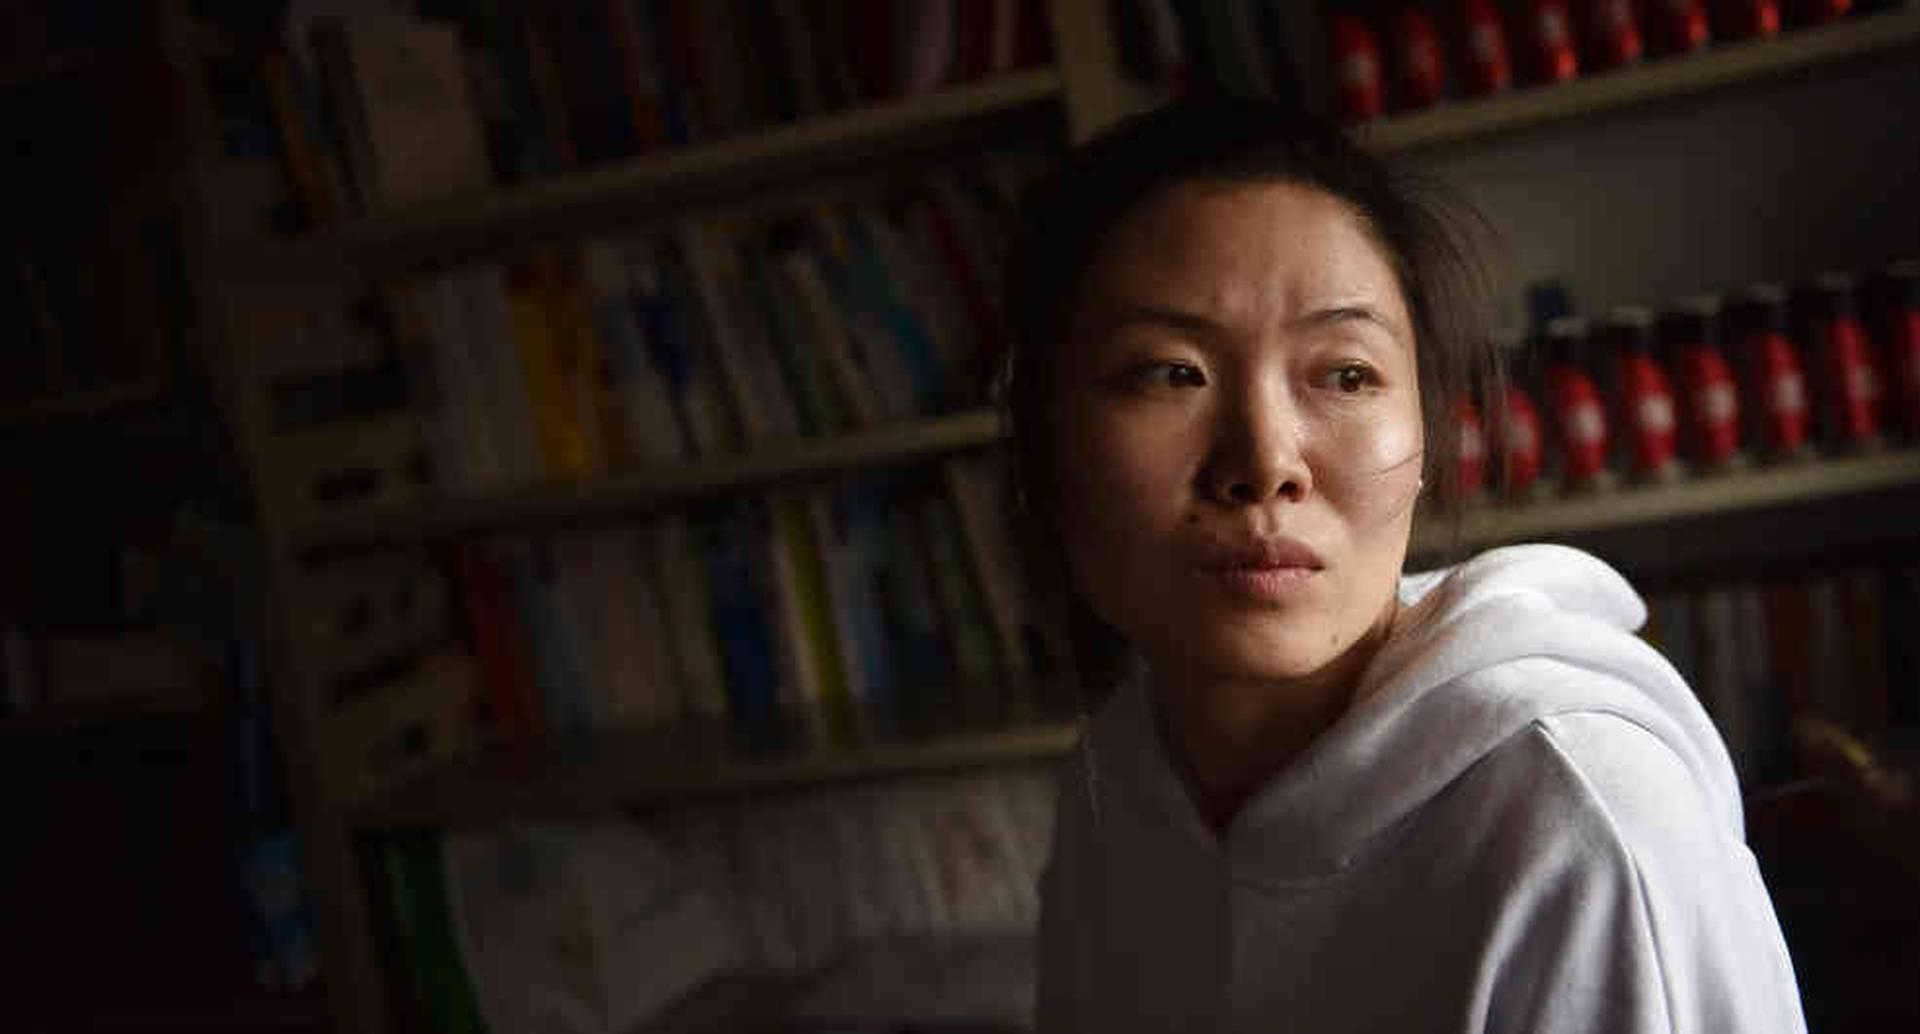 Xiao Jia llegó al negocio de los masajes después de que perdió la vista cuando era una adolescente.